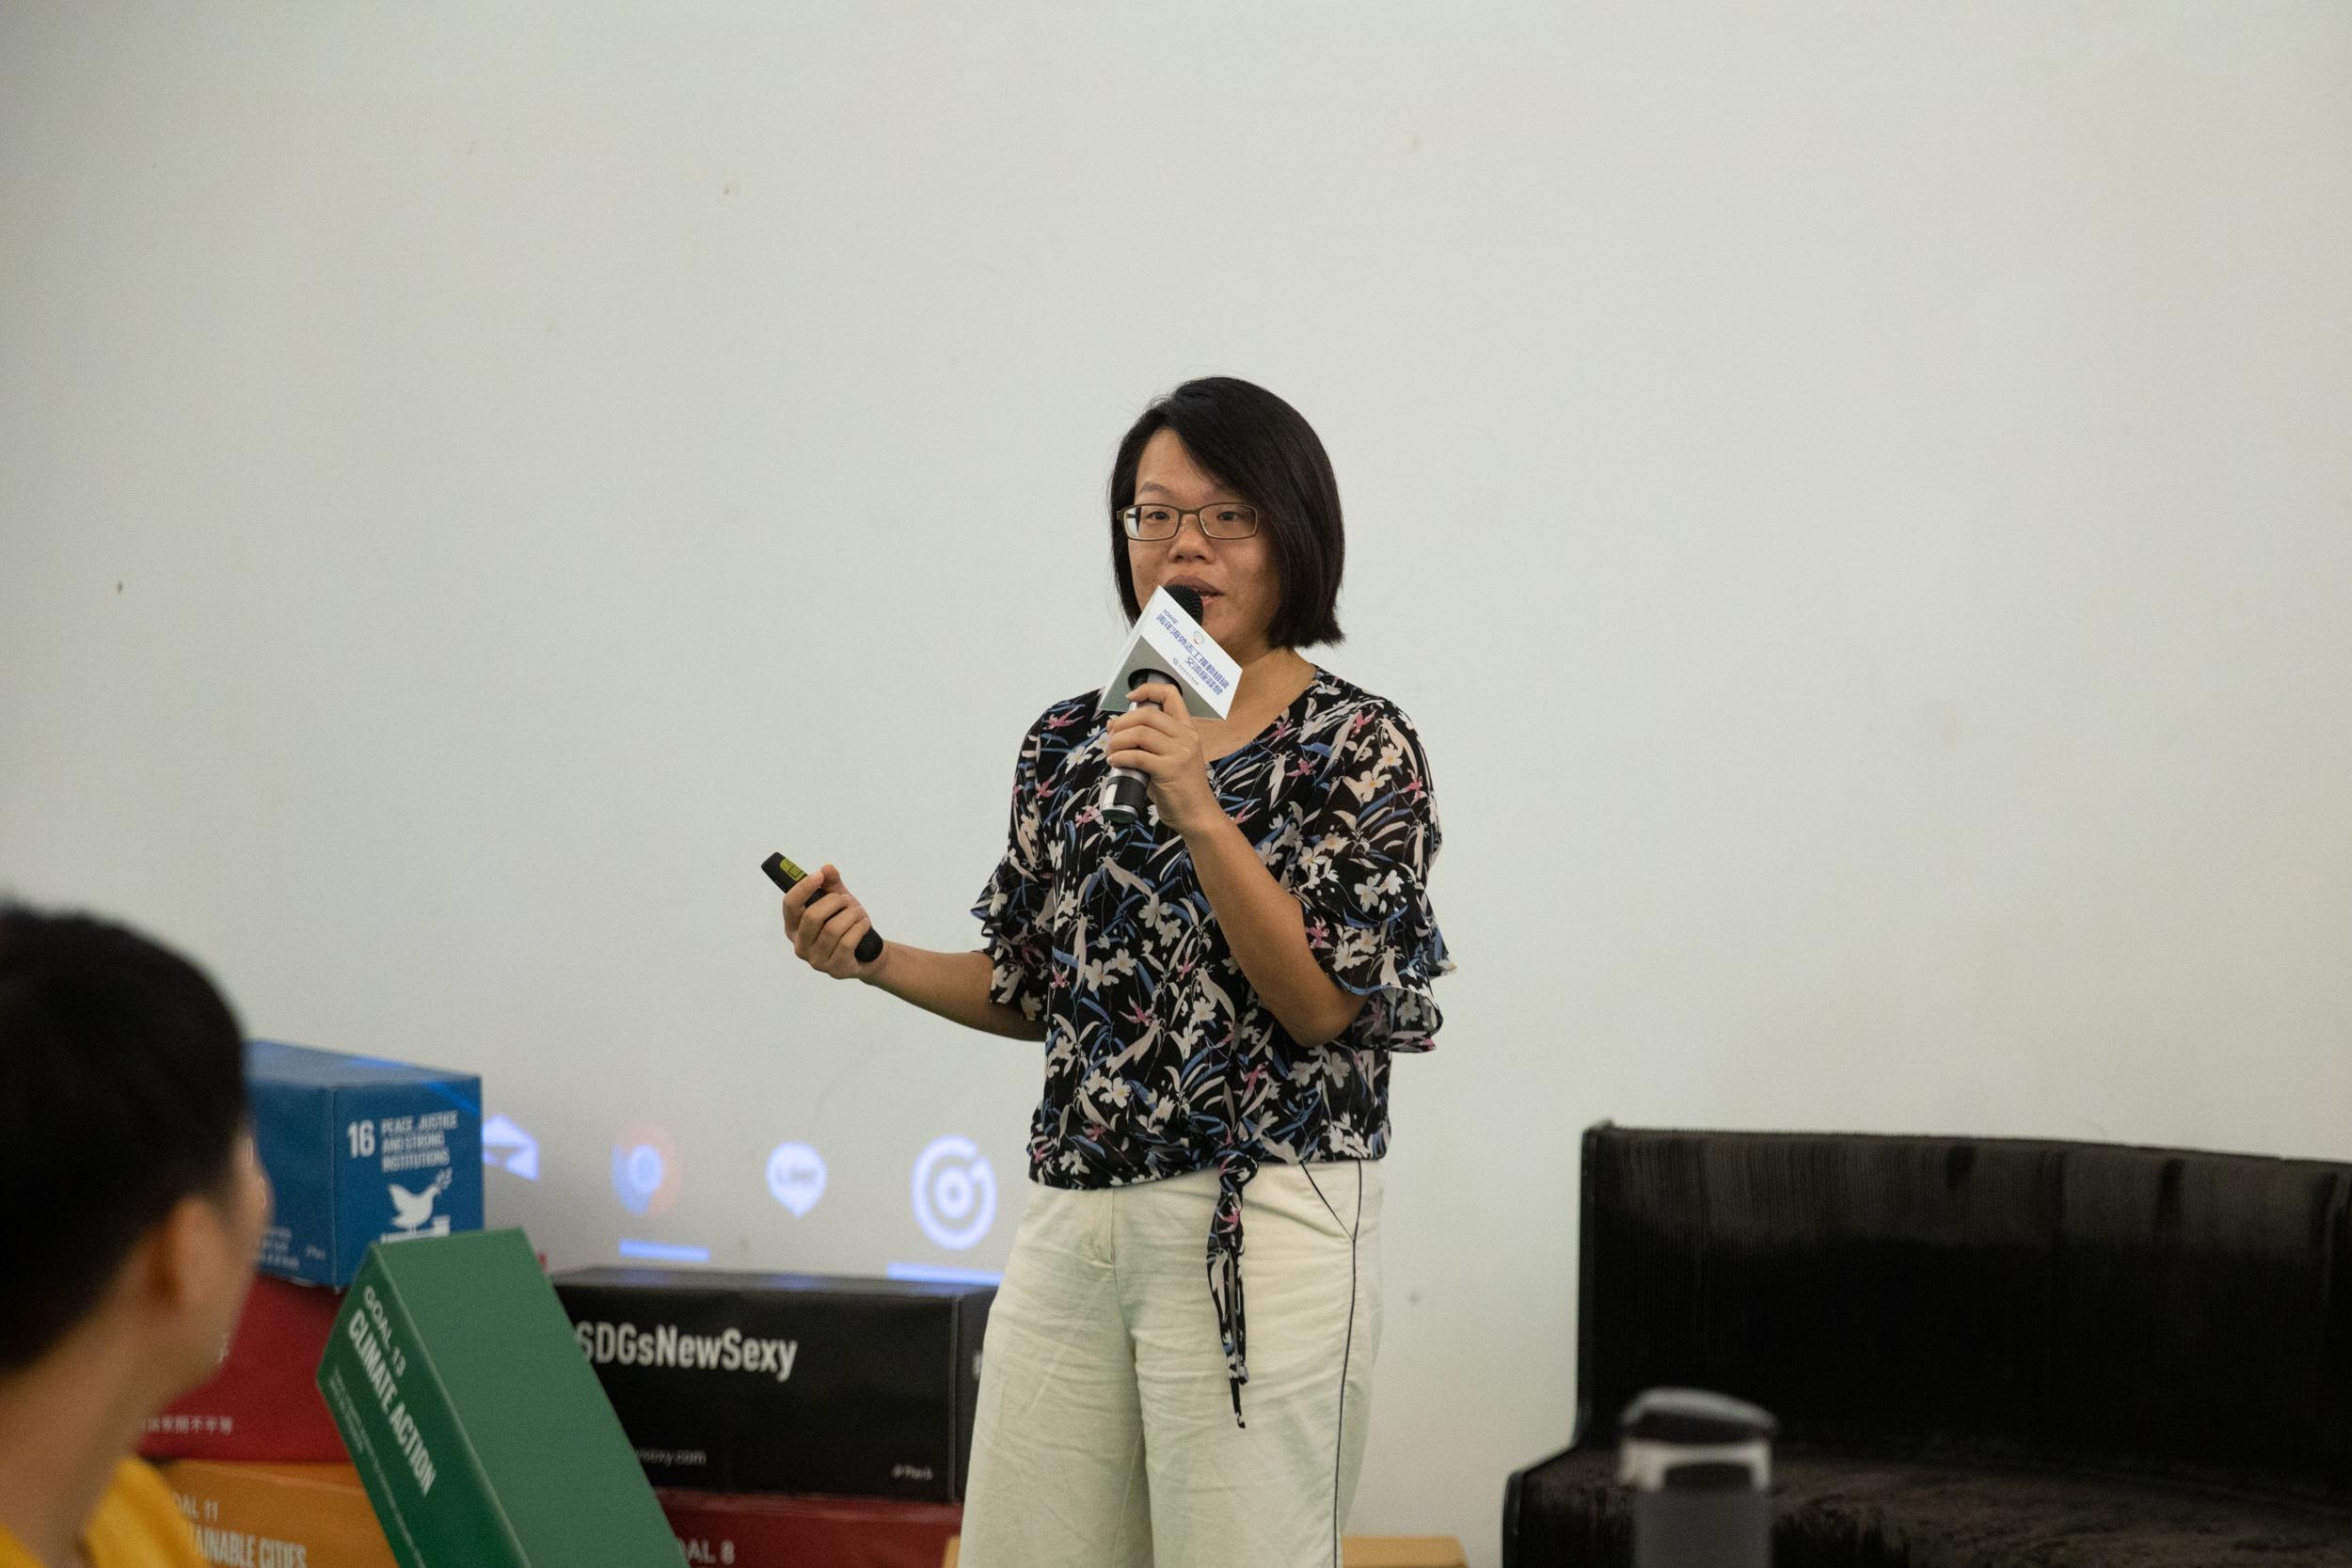 臺灣青年氣候聯盟理事長黃品涵鼓勵國際青年志工從事海外志願服務時,也能將氣候變遷議題納入規劃。